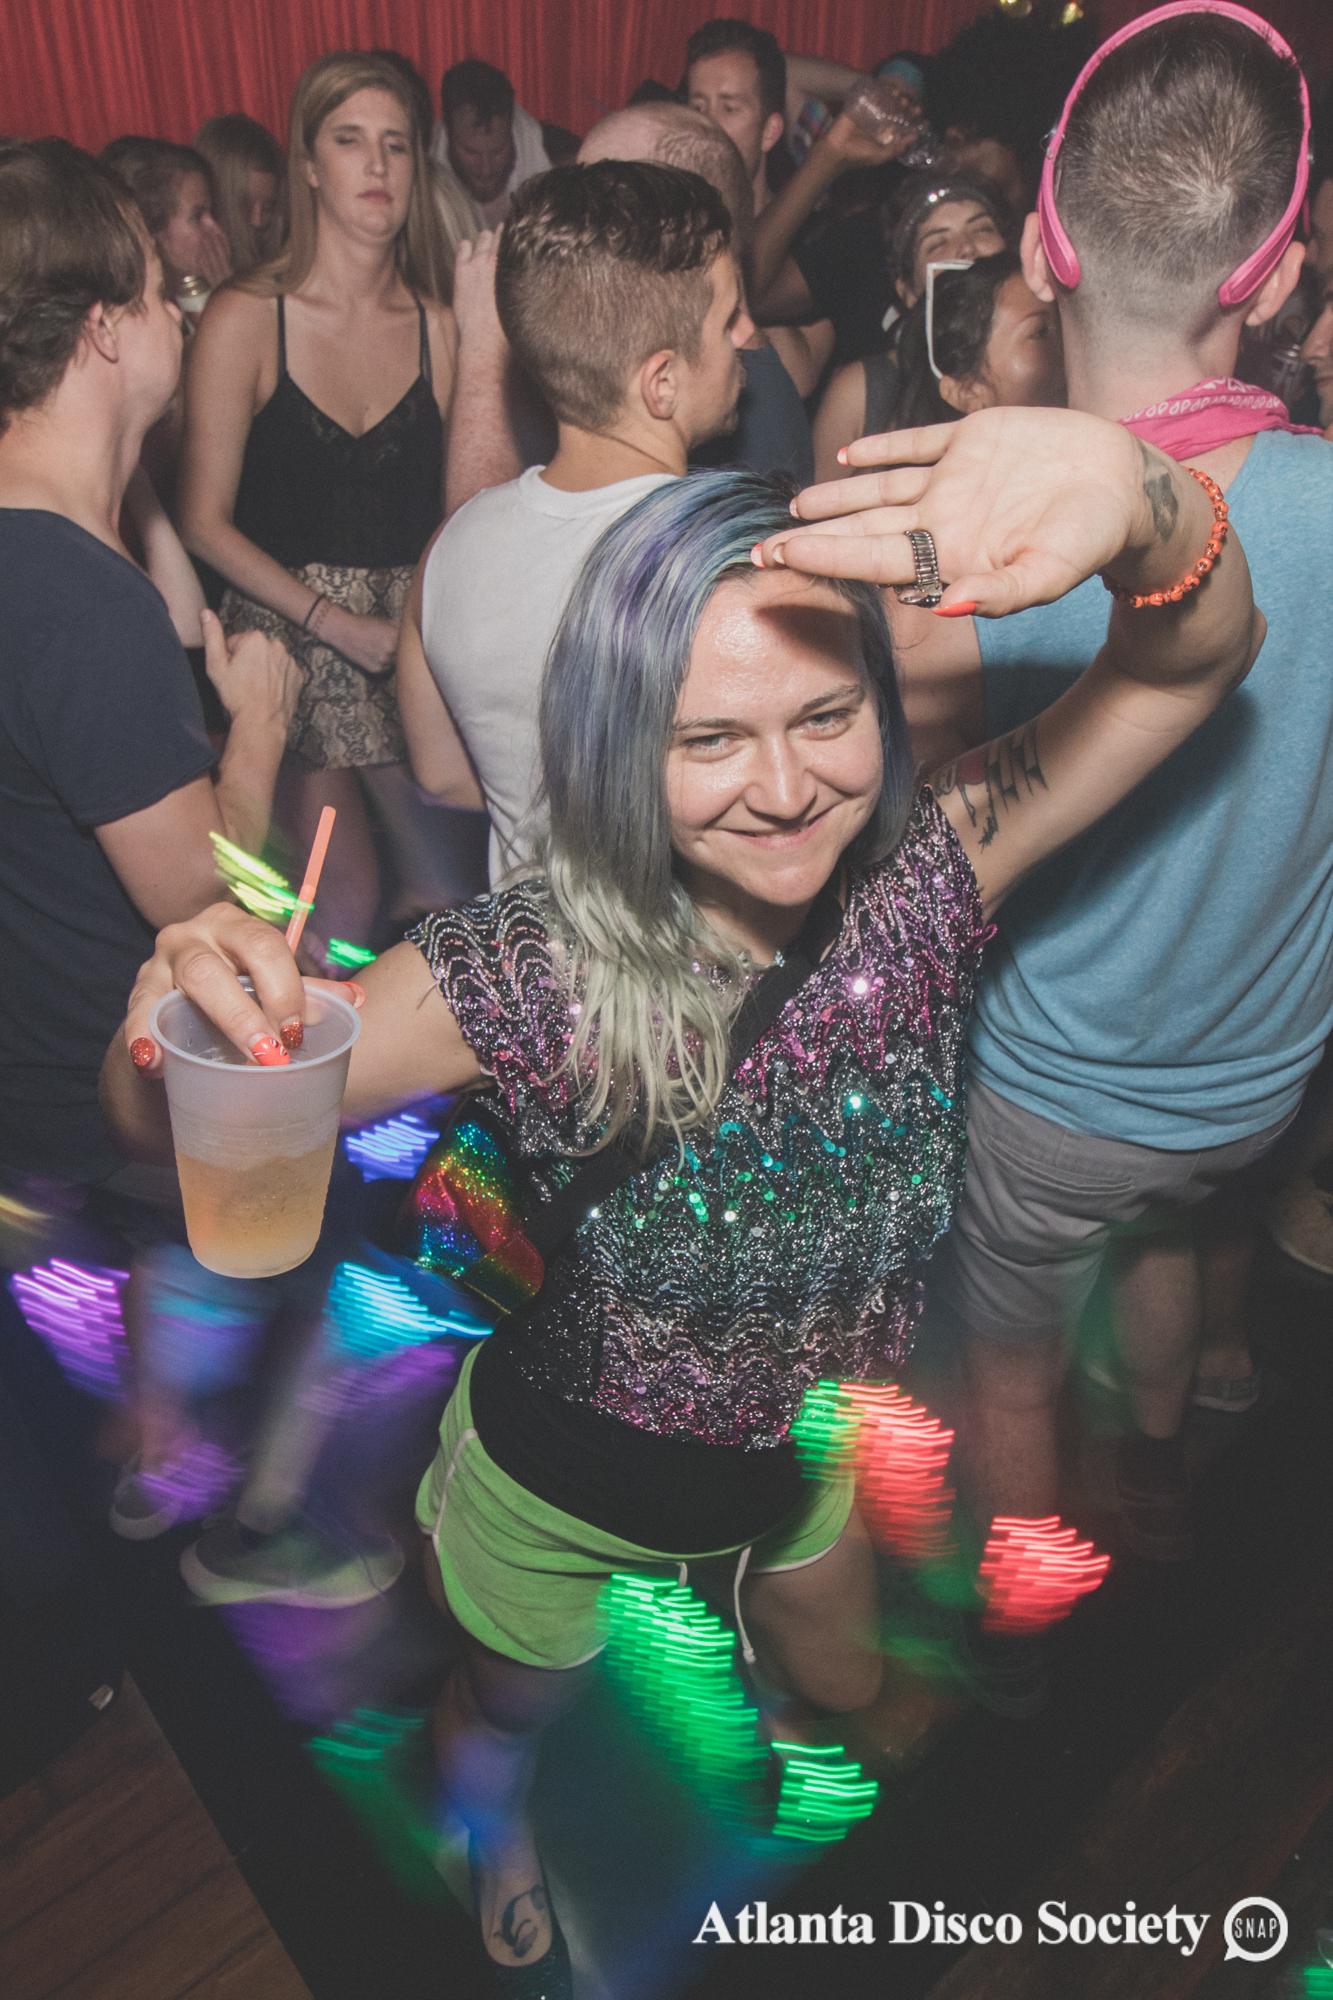 165Atlanta Disco Society Grace Kelly Oh Snap Kid 7.27.19.jpg